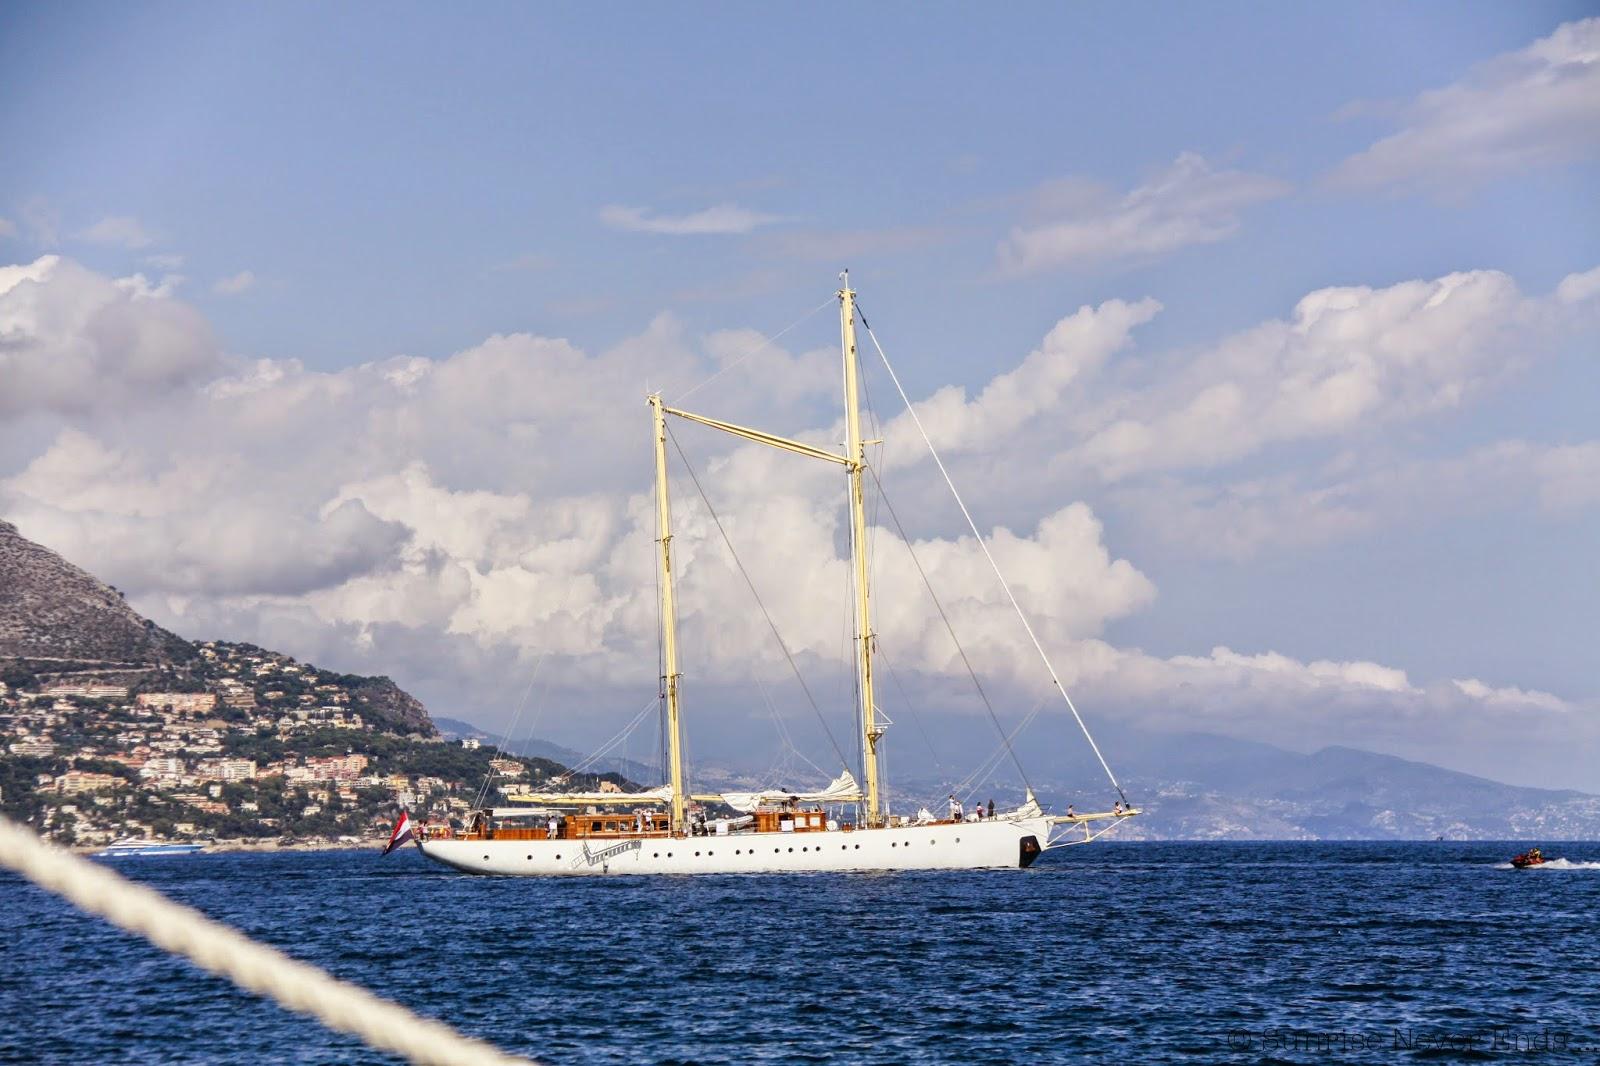 saint-jean cap ferrat,hello riviera,riviera,voilier,yachting,yacht,la voile d'or,hotel